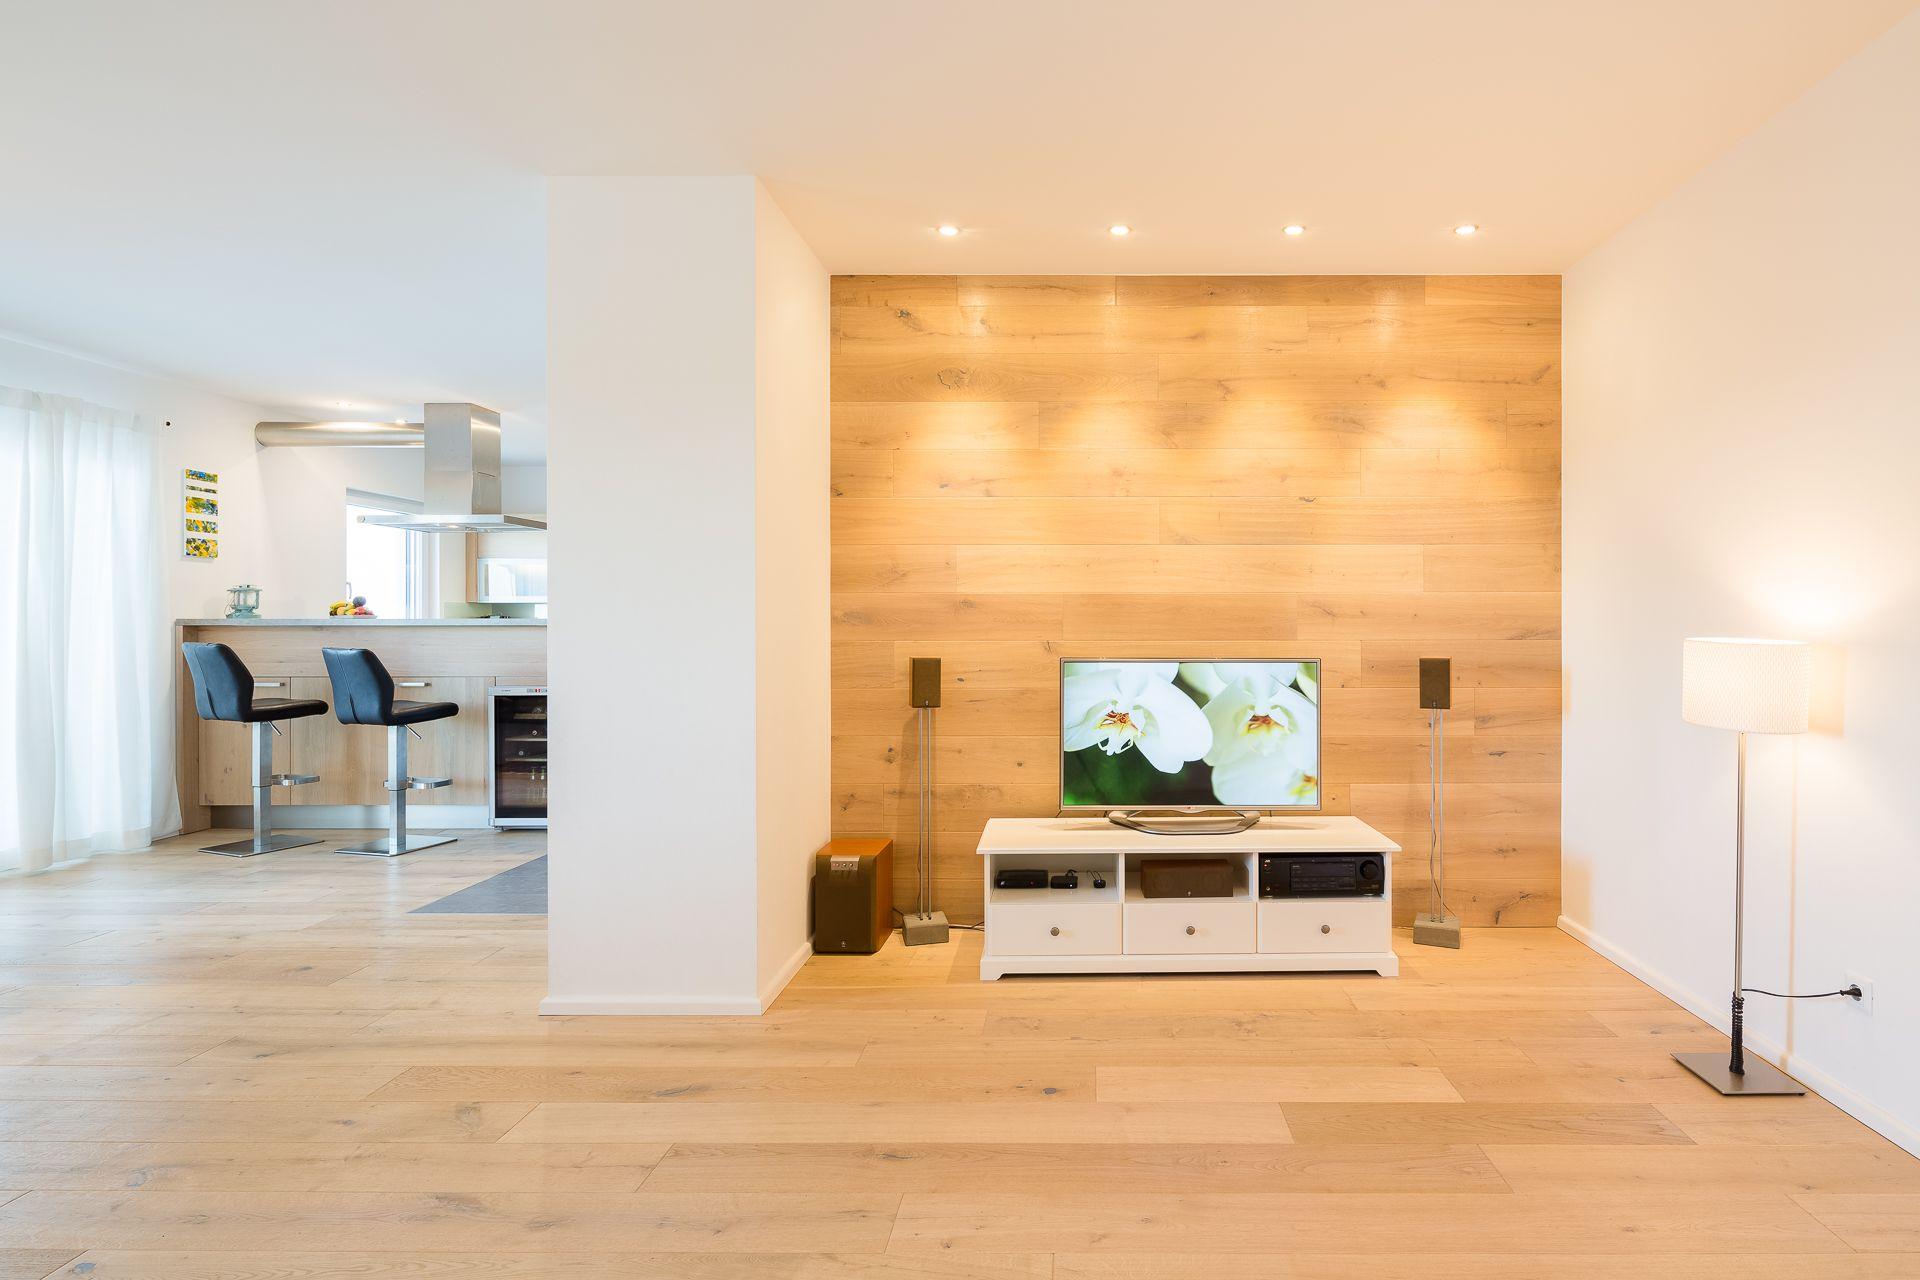 Wohnzimmer mit Holzwand  Holzwand wohnzimmer, Holzwand